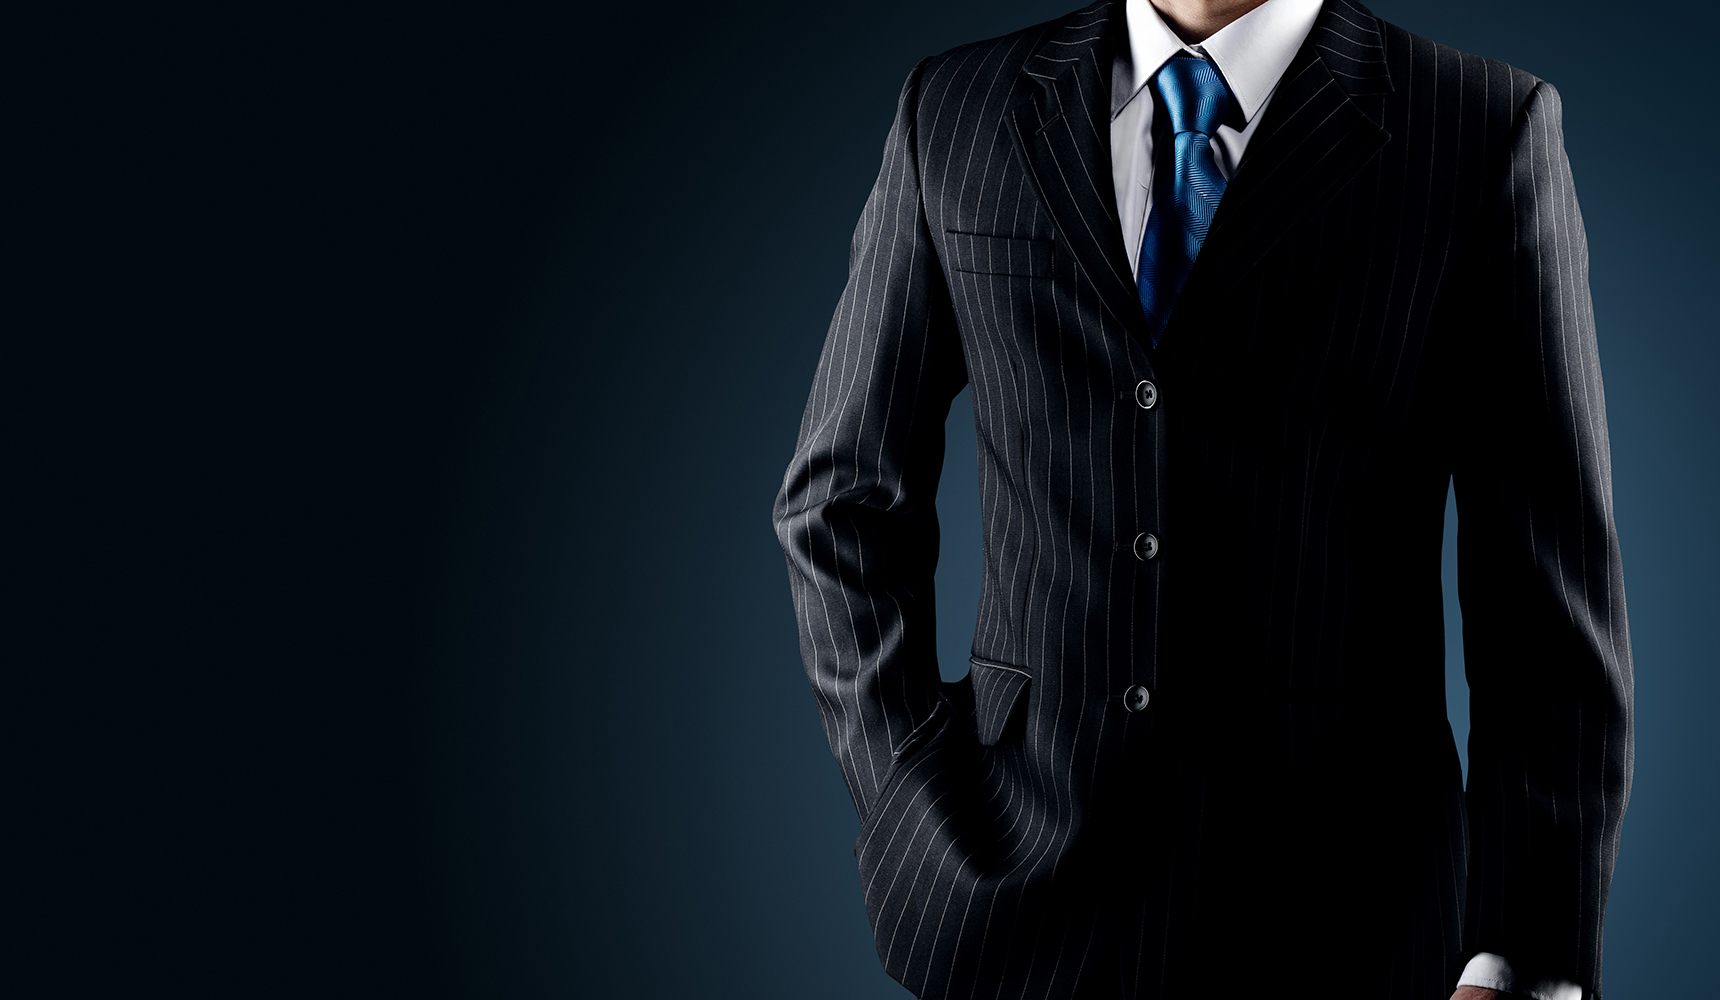 男性年収600万円以上/ハイステータス編理想の出会いを追求…『Executiveプレミアム恋愛PARTY』